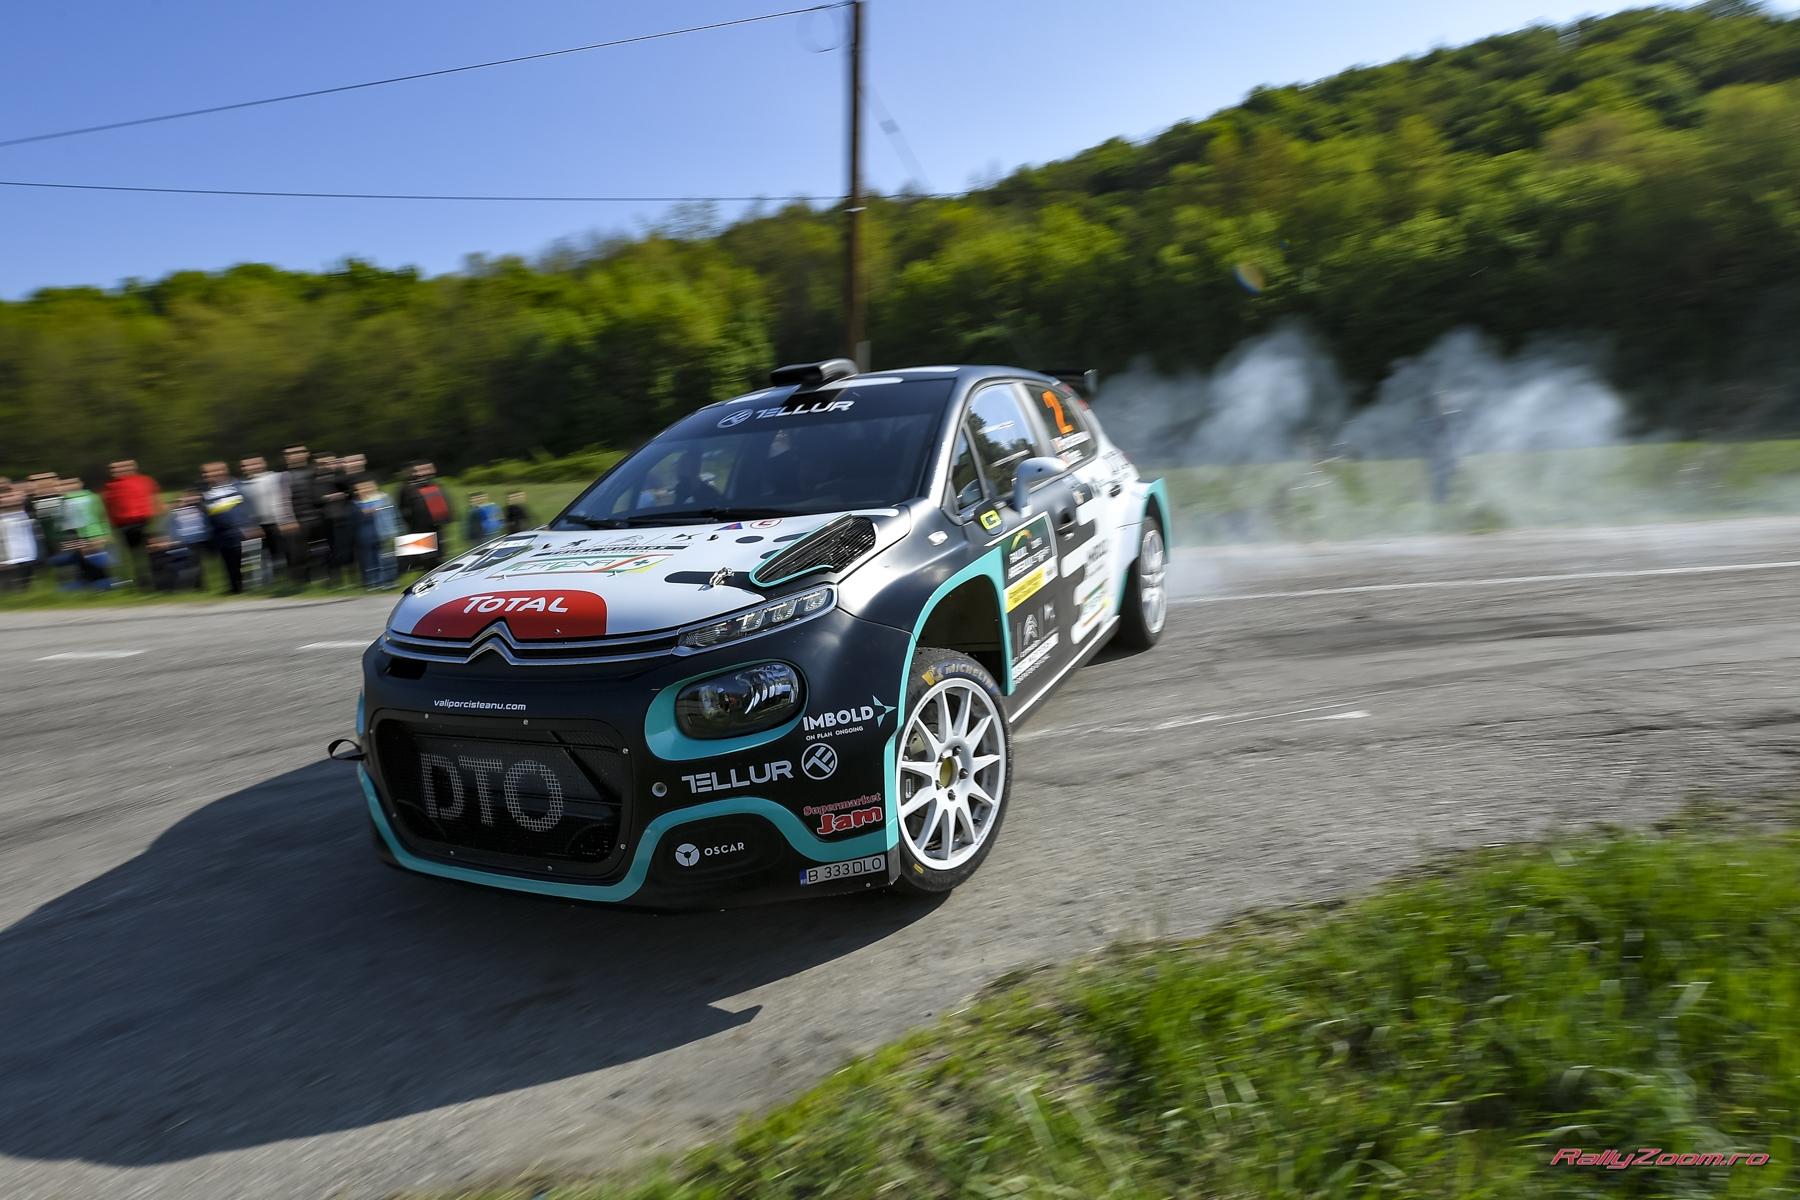 Podiumuri importante pentru DTO Rally Team la Raliul Argesului 2019